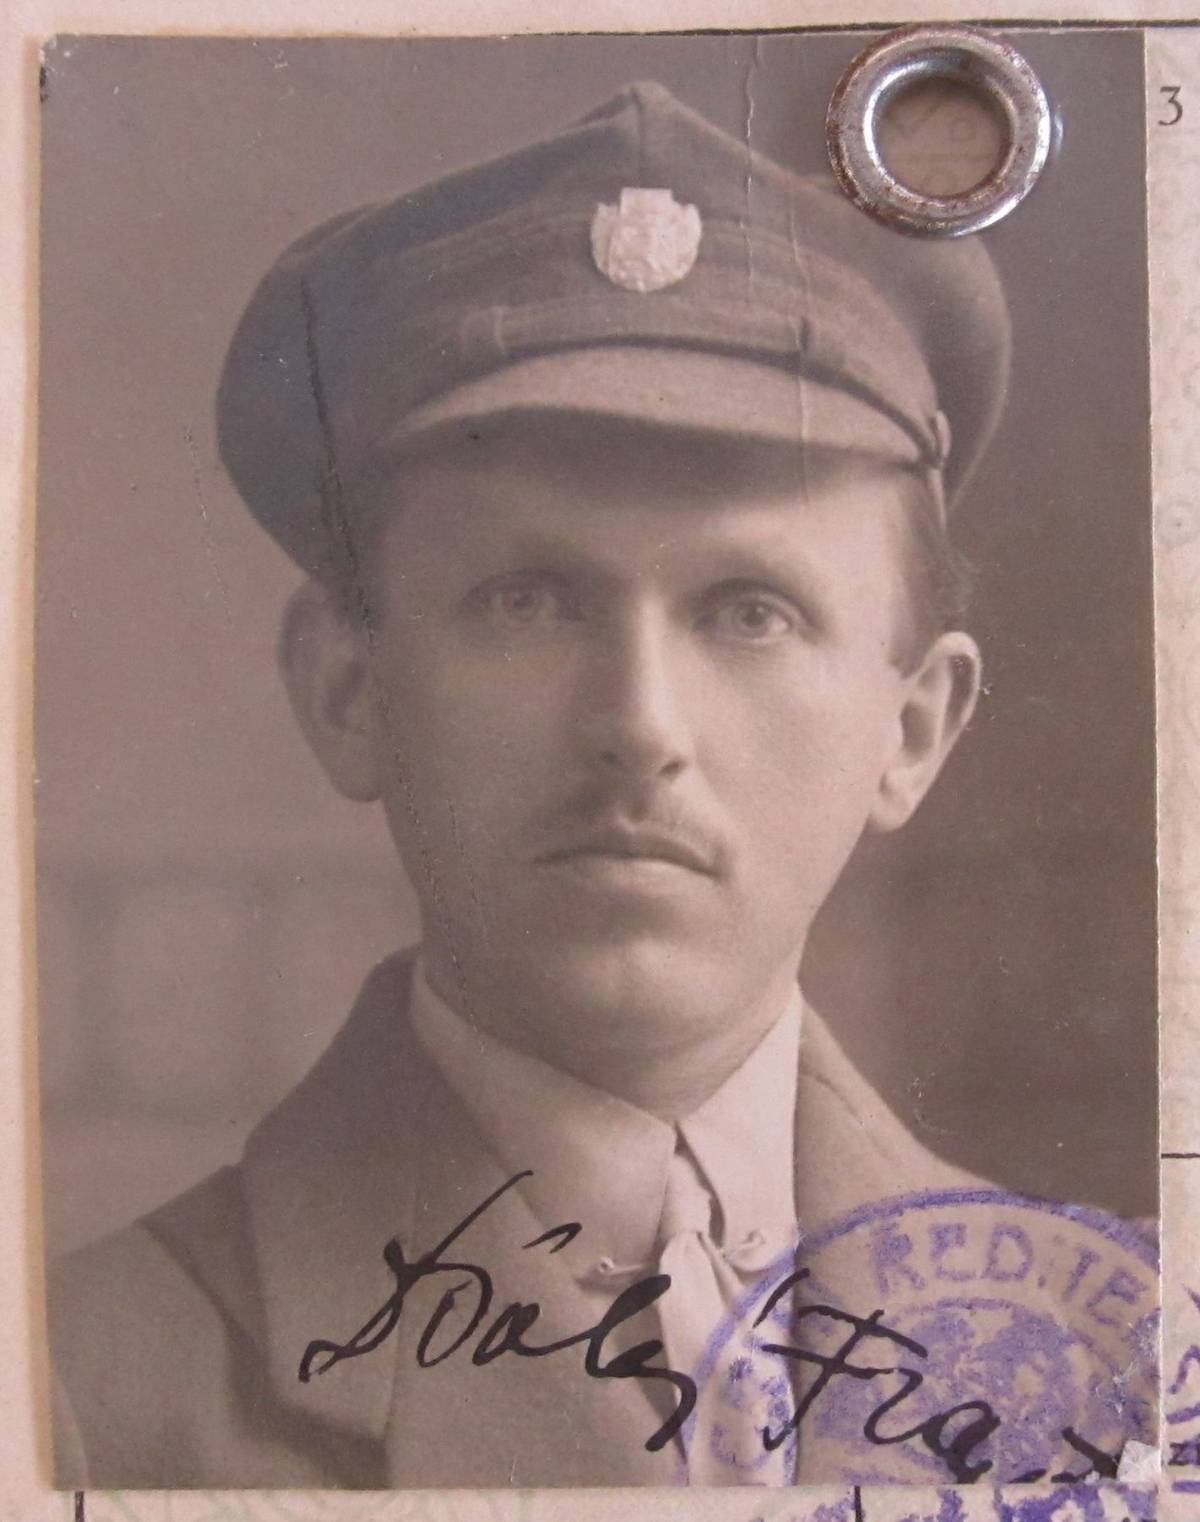 František Polák na fotografii z cestovního pasu z roku 1925 zabaveného čs. úřady kvůli jeho nelegální návštěvě SSSR a účasti na sjezdu Kominterny vMoskvě.